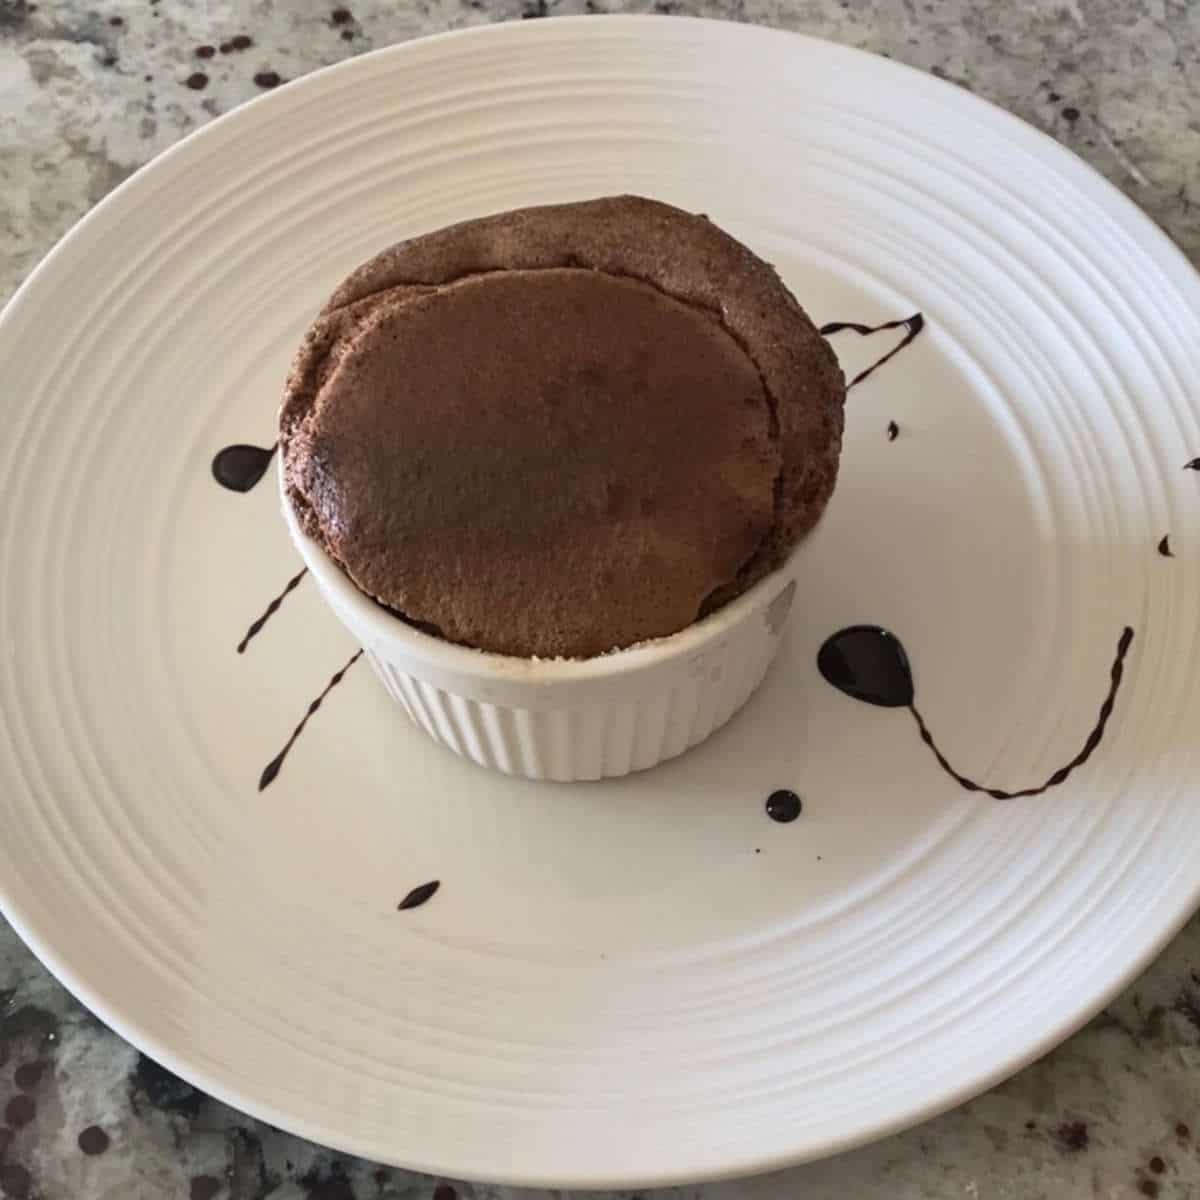 Suflê de chocolate com centro cremoso para fazer a sobremesa romântica